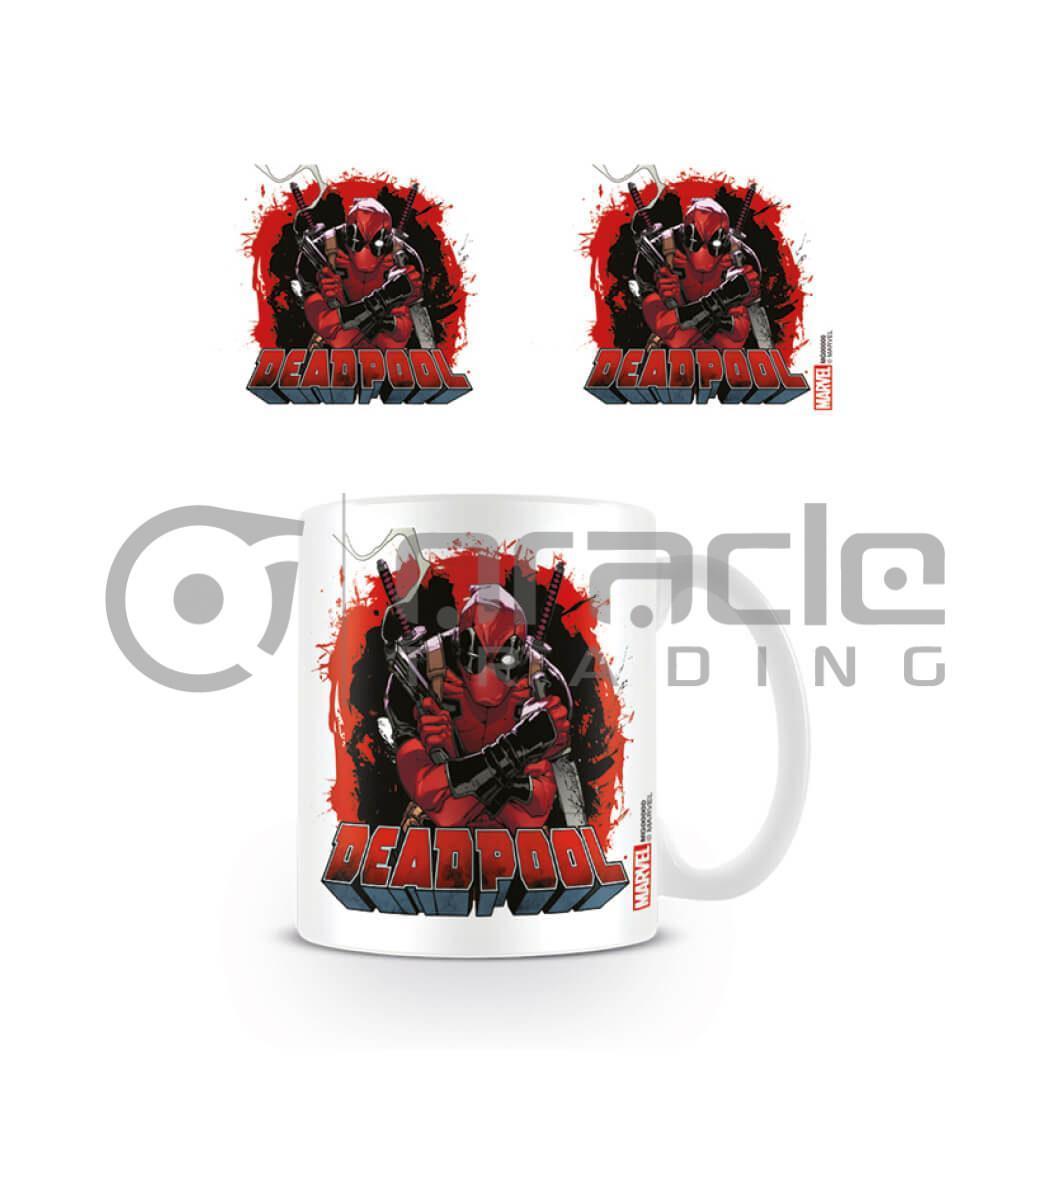 Deadpool Mug - Smoking Gun